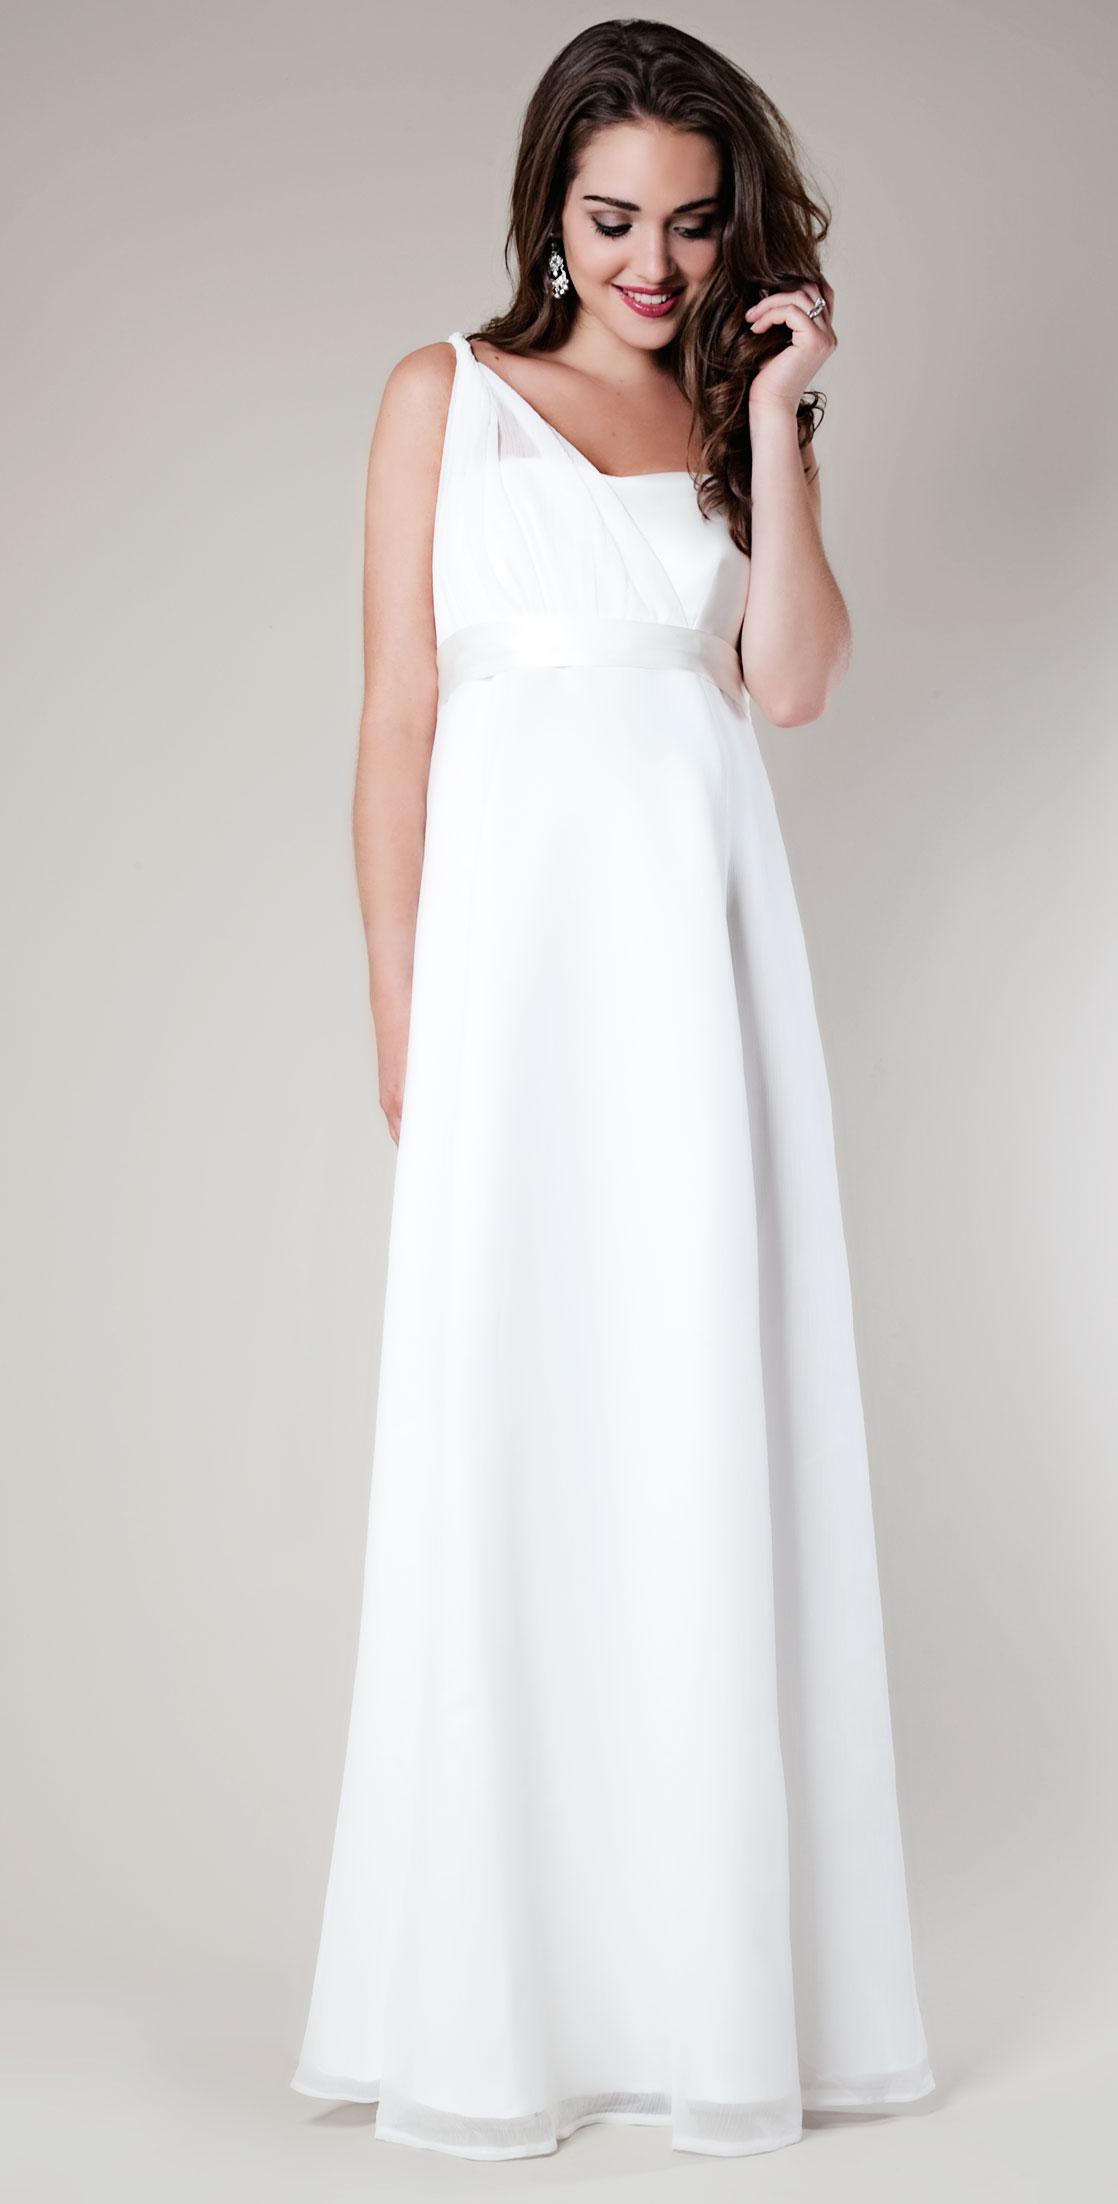 977bac8c5e Wystarczy suknia ślubna Tiffany Rose asymetryczna - Suknie ślubne dla  kobiet IF-24